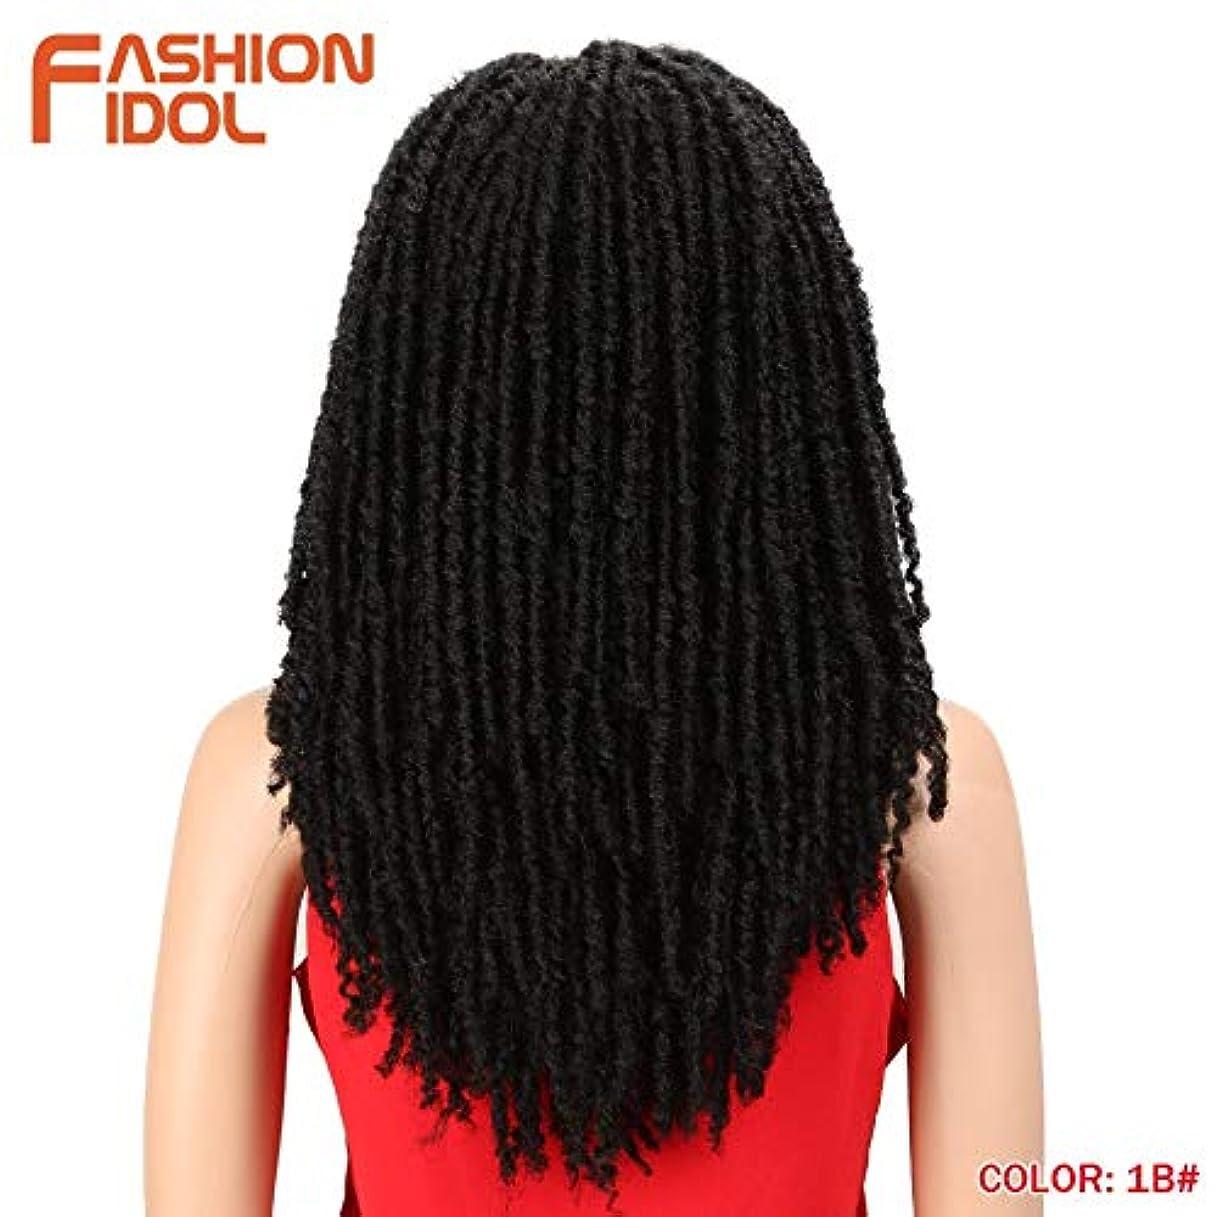 挨拶販売員ちなみに美しく ファッション22インチの合成かつらのために黒人女性のかぎ針編み三つ編みツイストジャンボドレッドフェイクLOCS髪型ロングアフロブラウン髪 (Color : #1B, Stretched Length : 22inches)